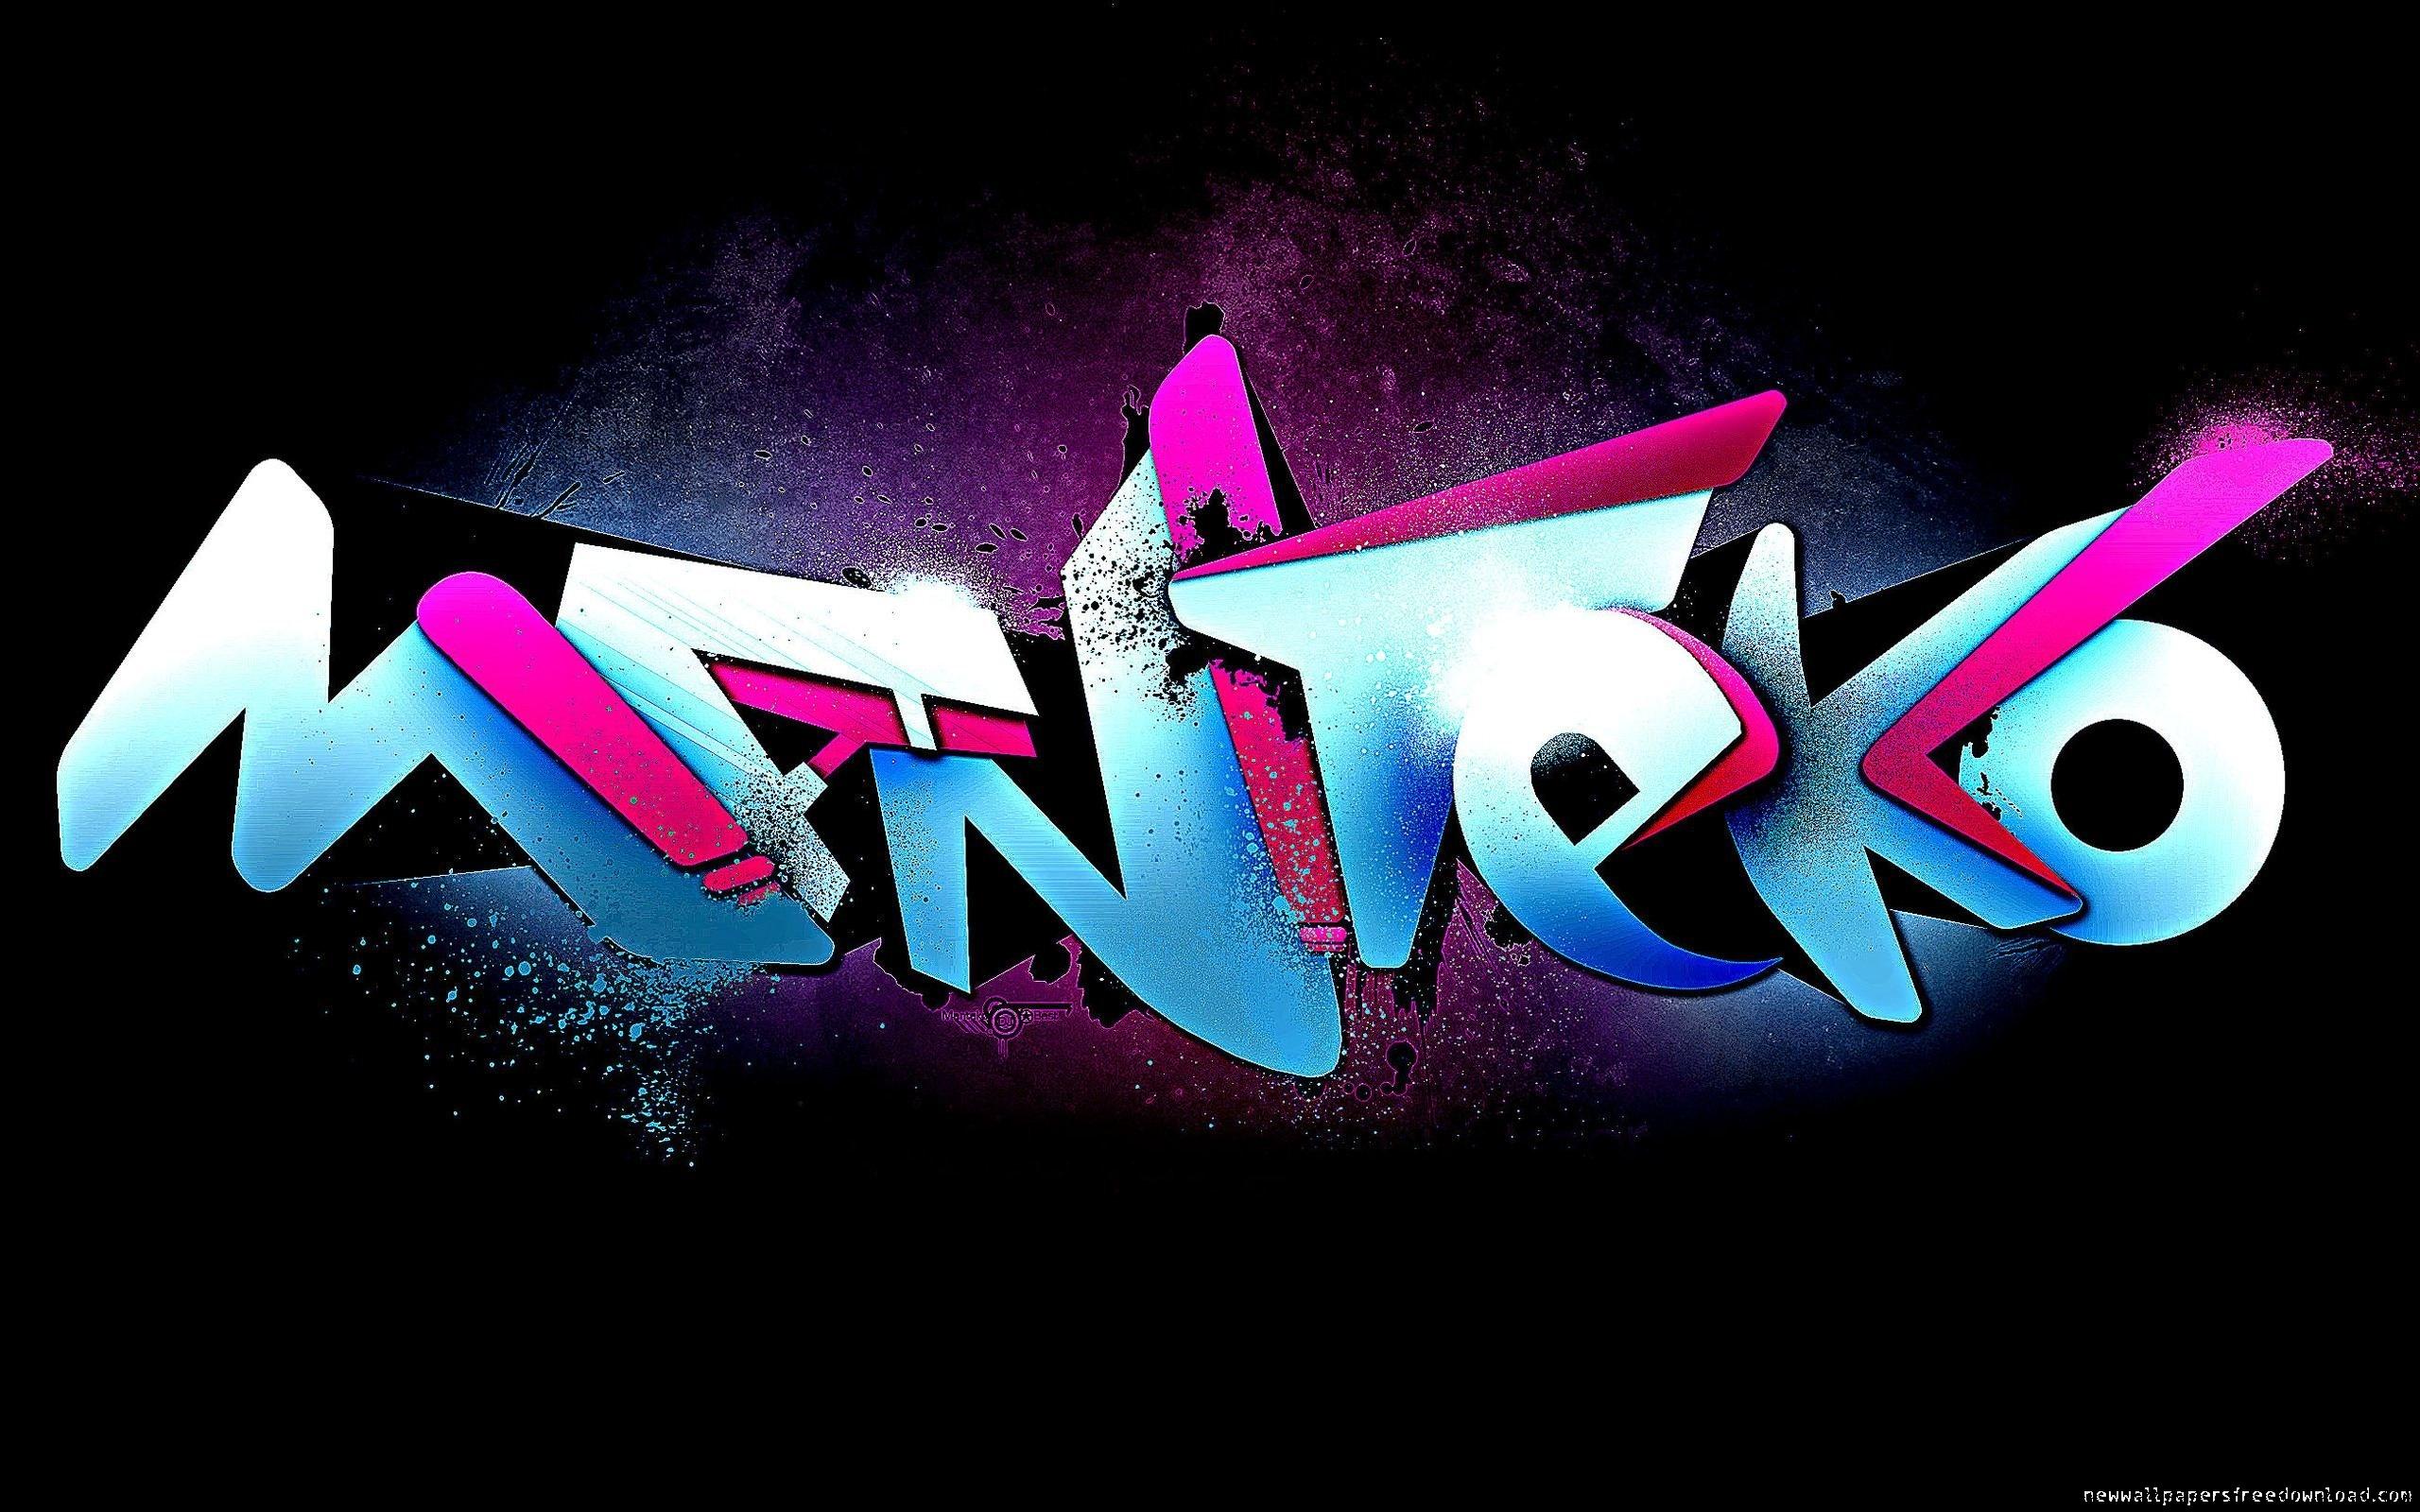 3d graffiti backgrounds wallpaper 3d graffiti backgrounds hd 2560x1600